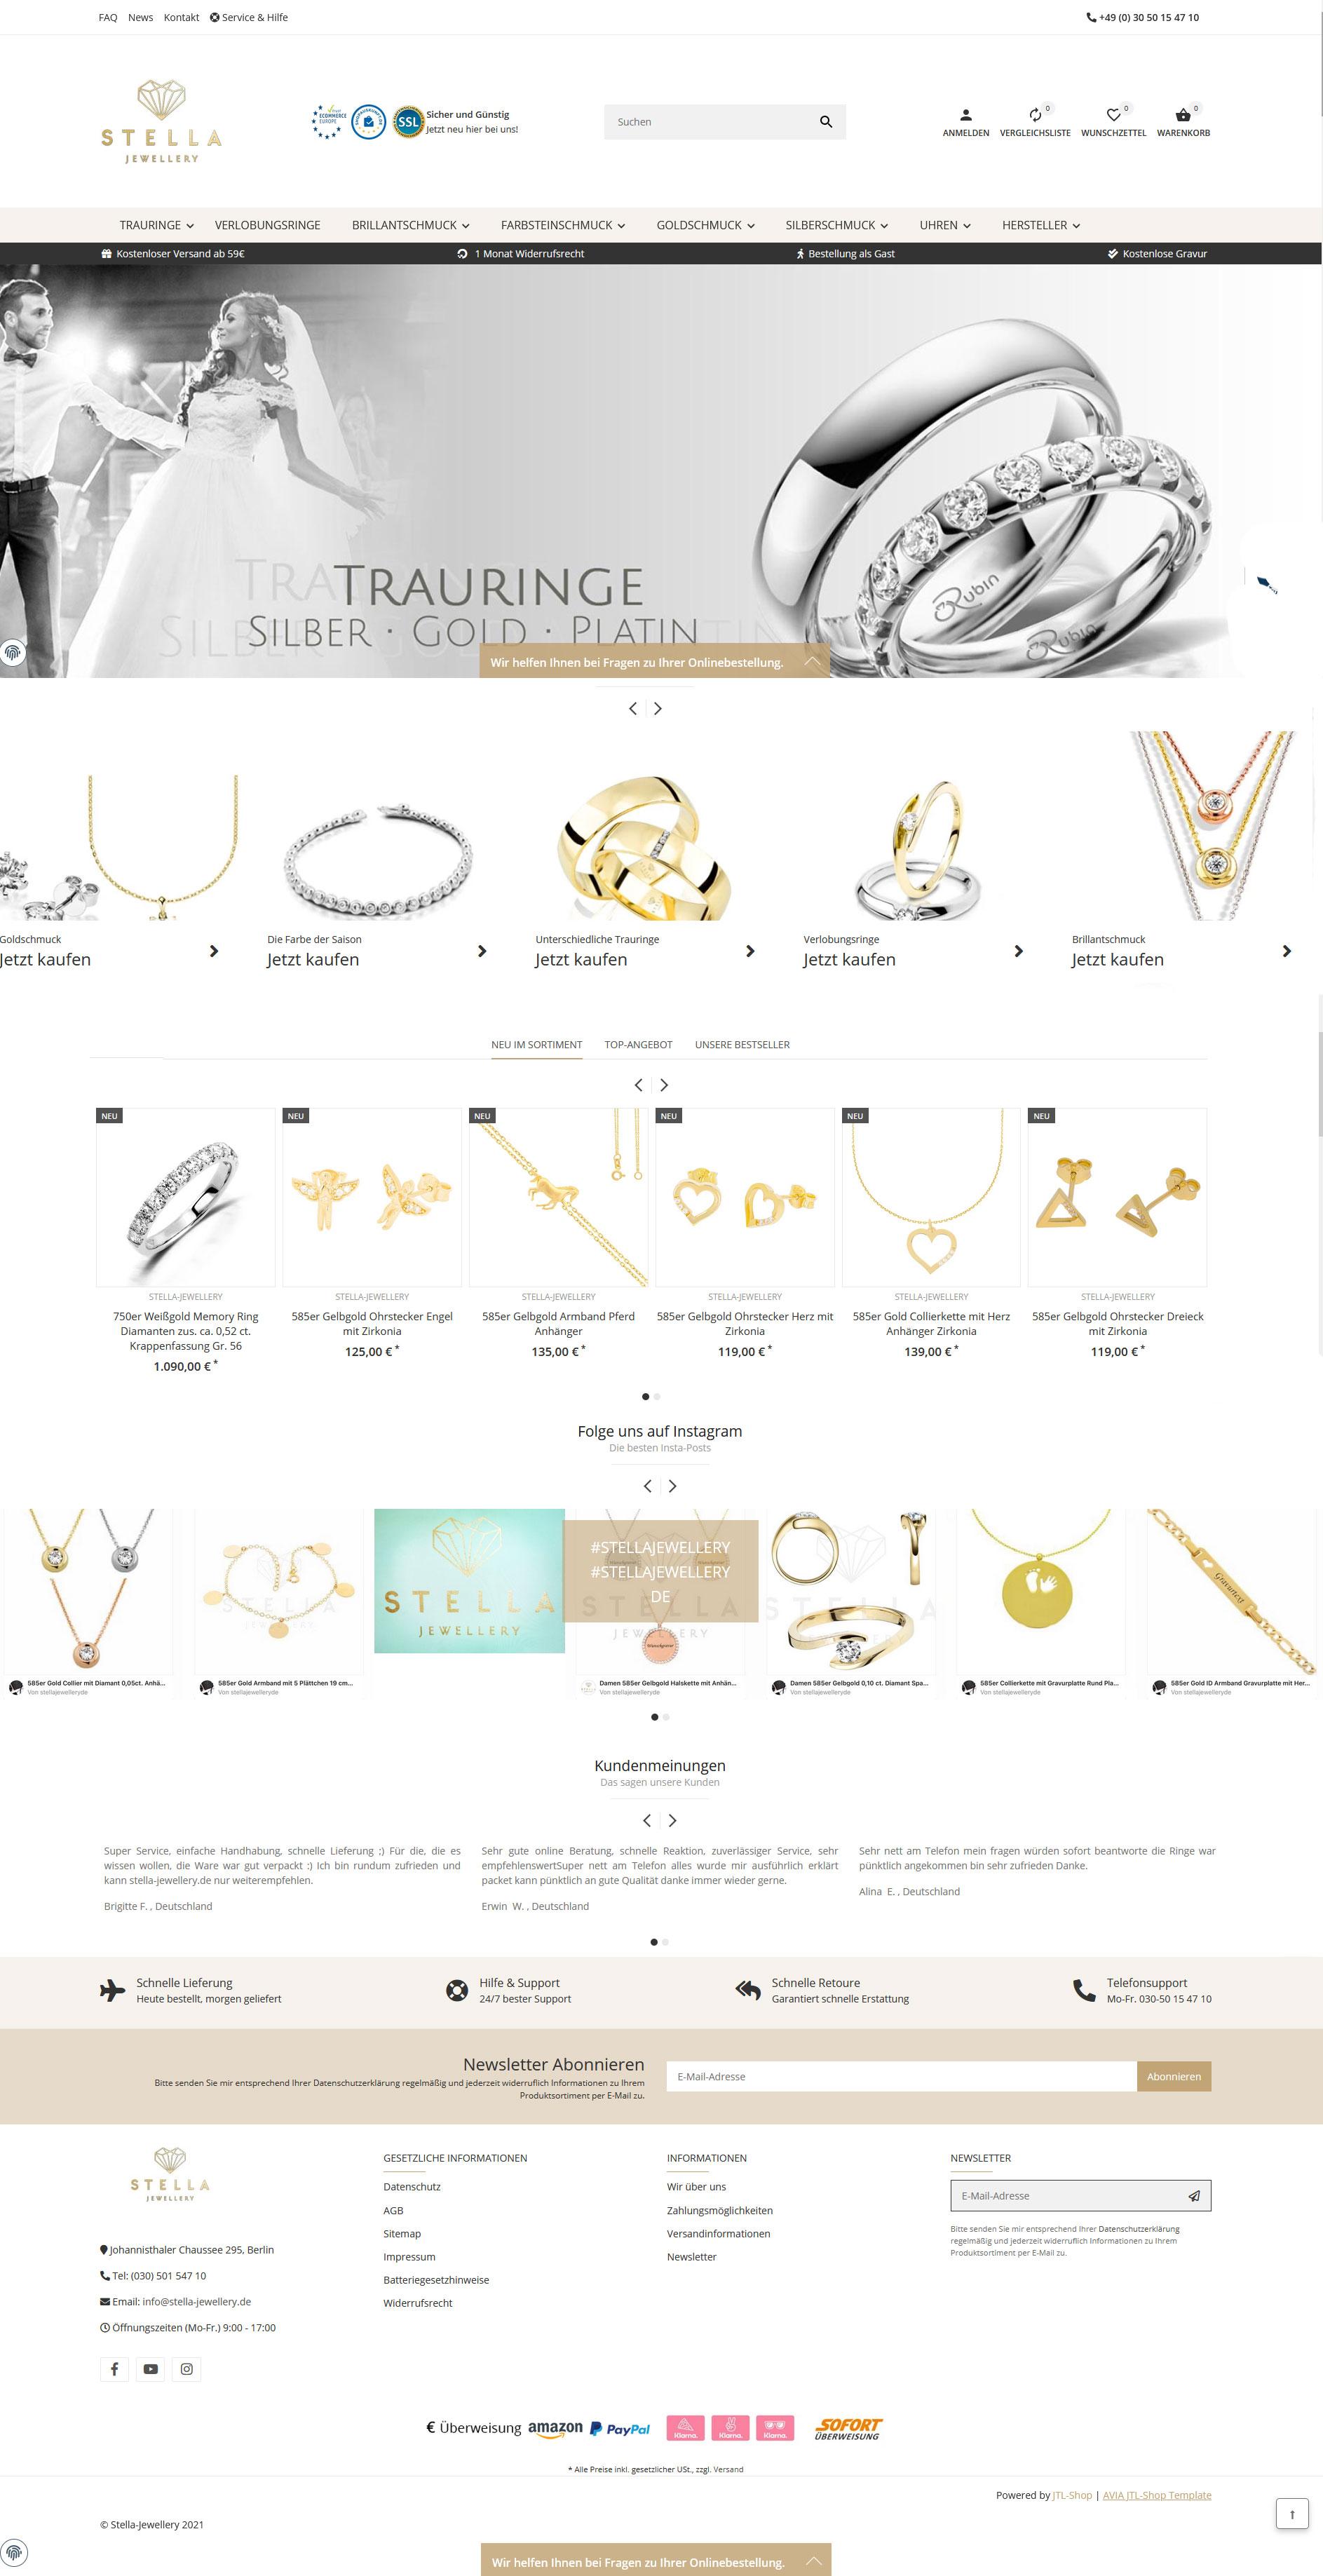 Stella Jewellery by Rubin Juw.